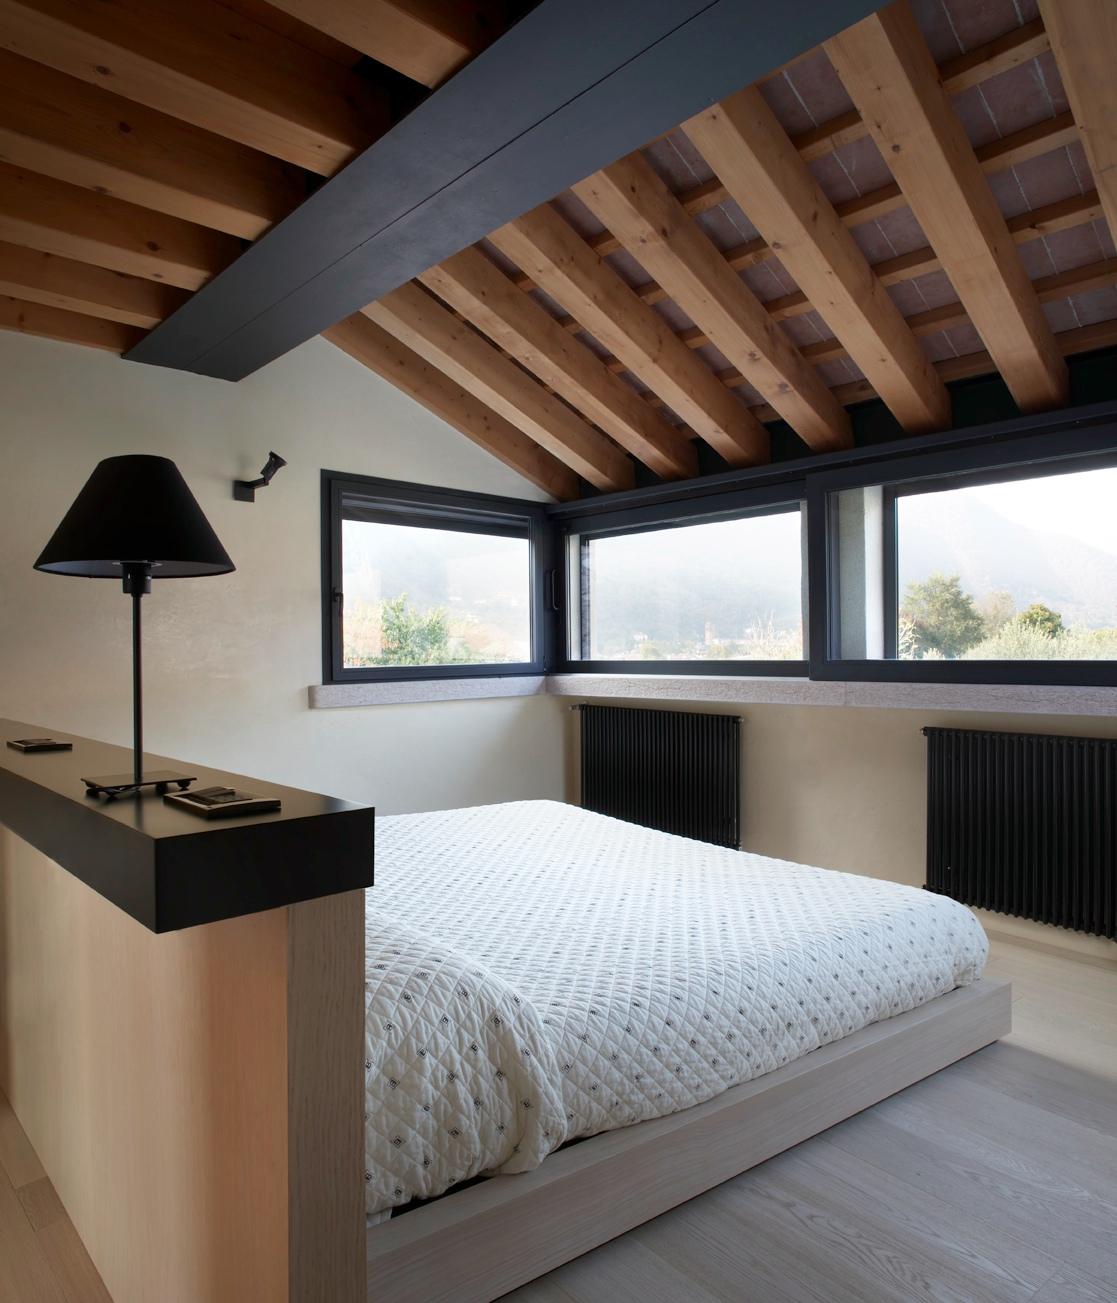 Ristrutturare un rustico e trasformarlo in mansarda casa - Camere da letto in legno rustico ...